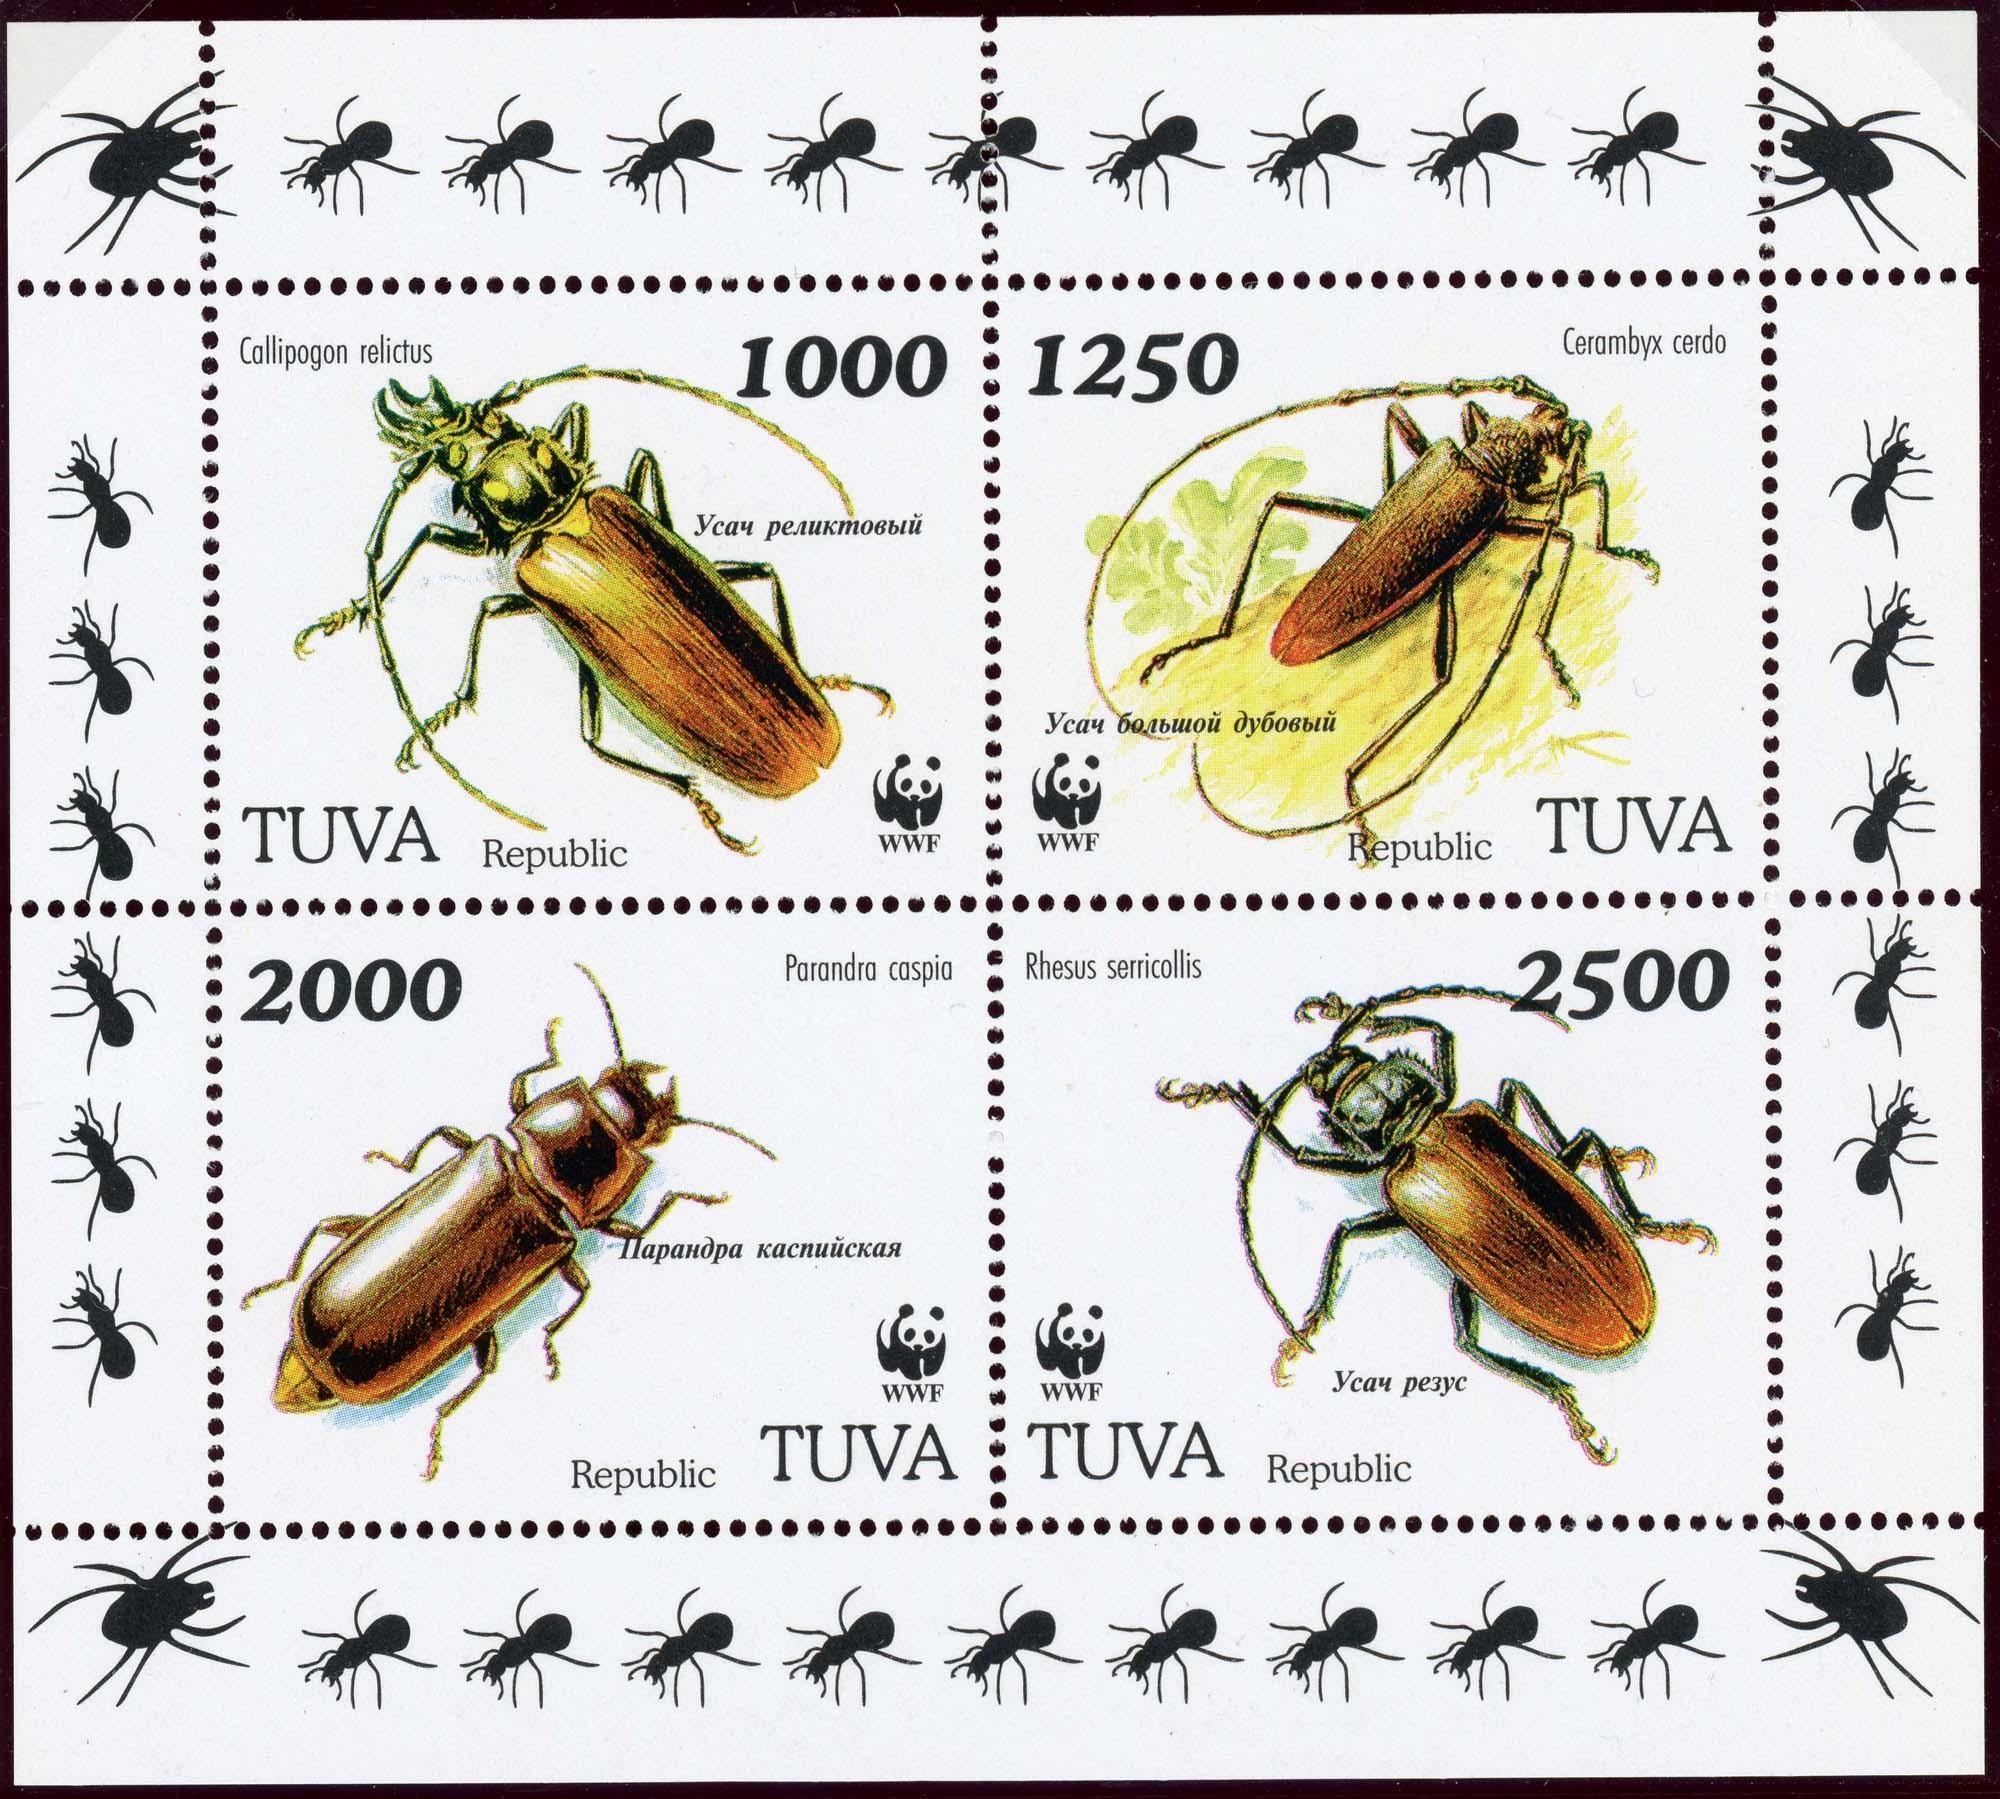 Tuva-1.jpg